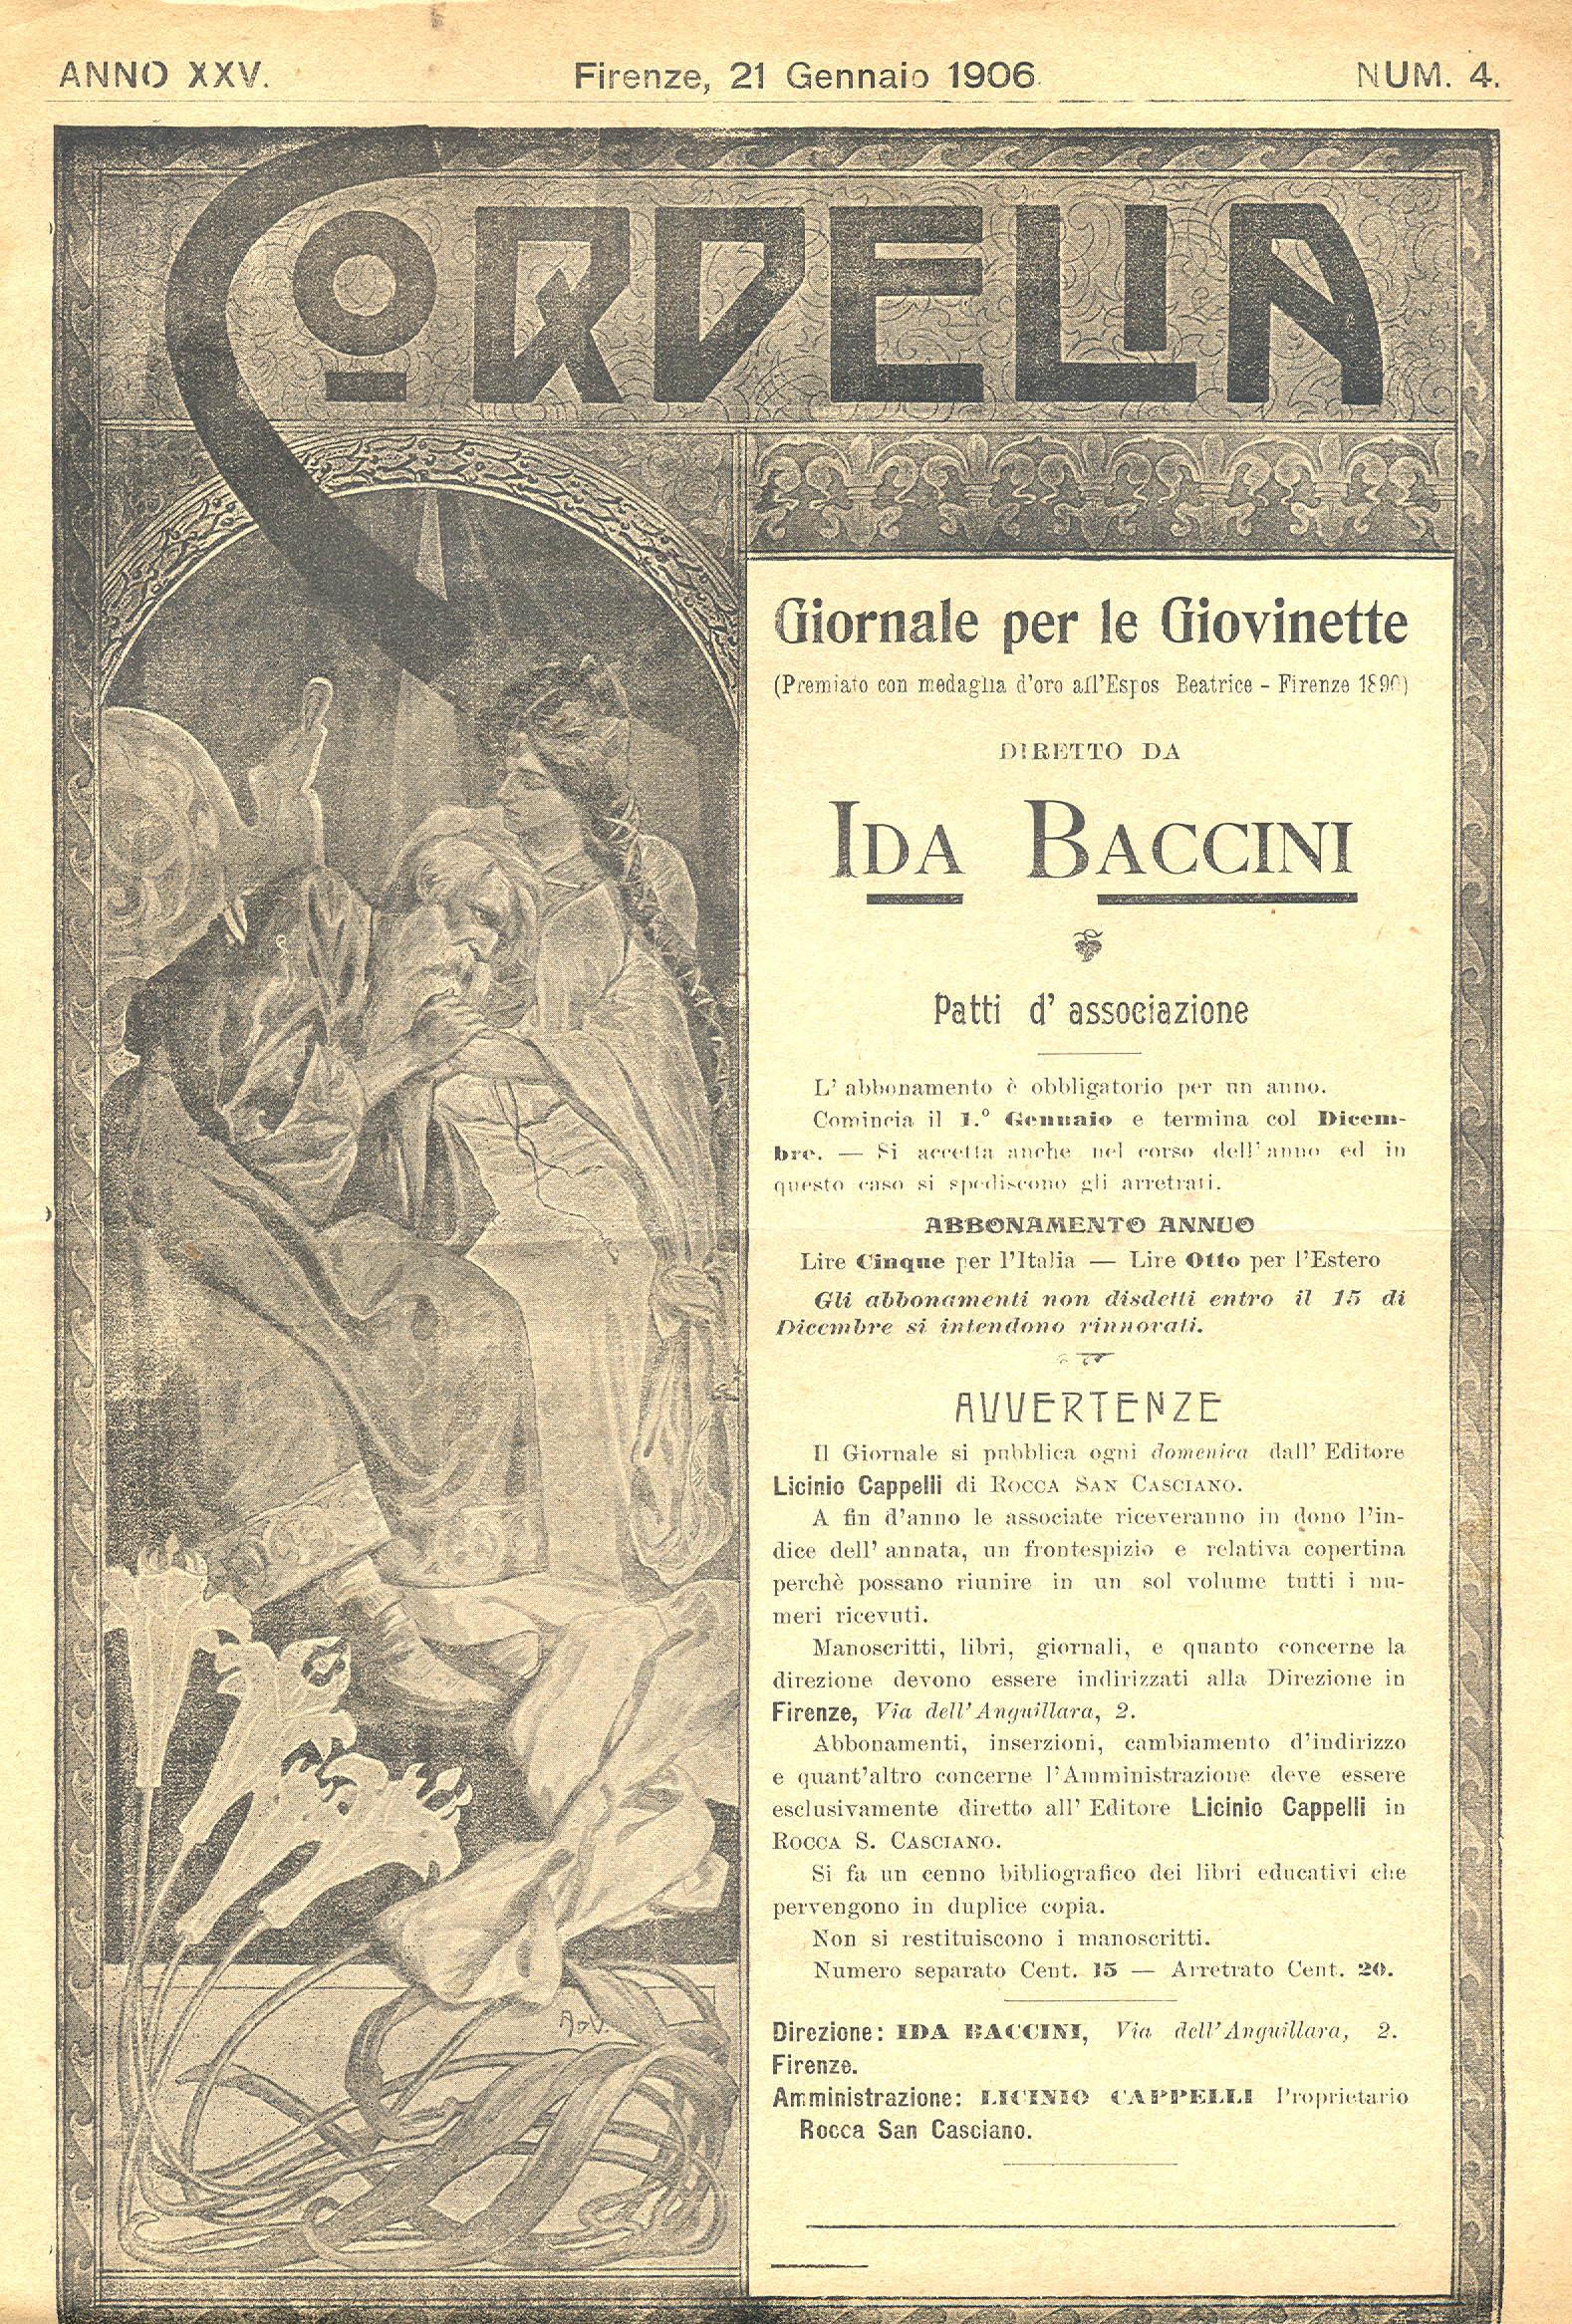 Cordelia. Giornale per le giovinette 1906, n. 4